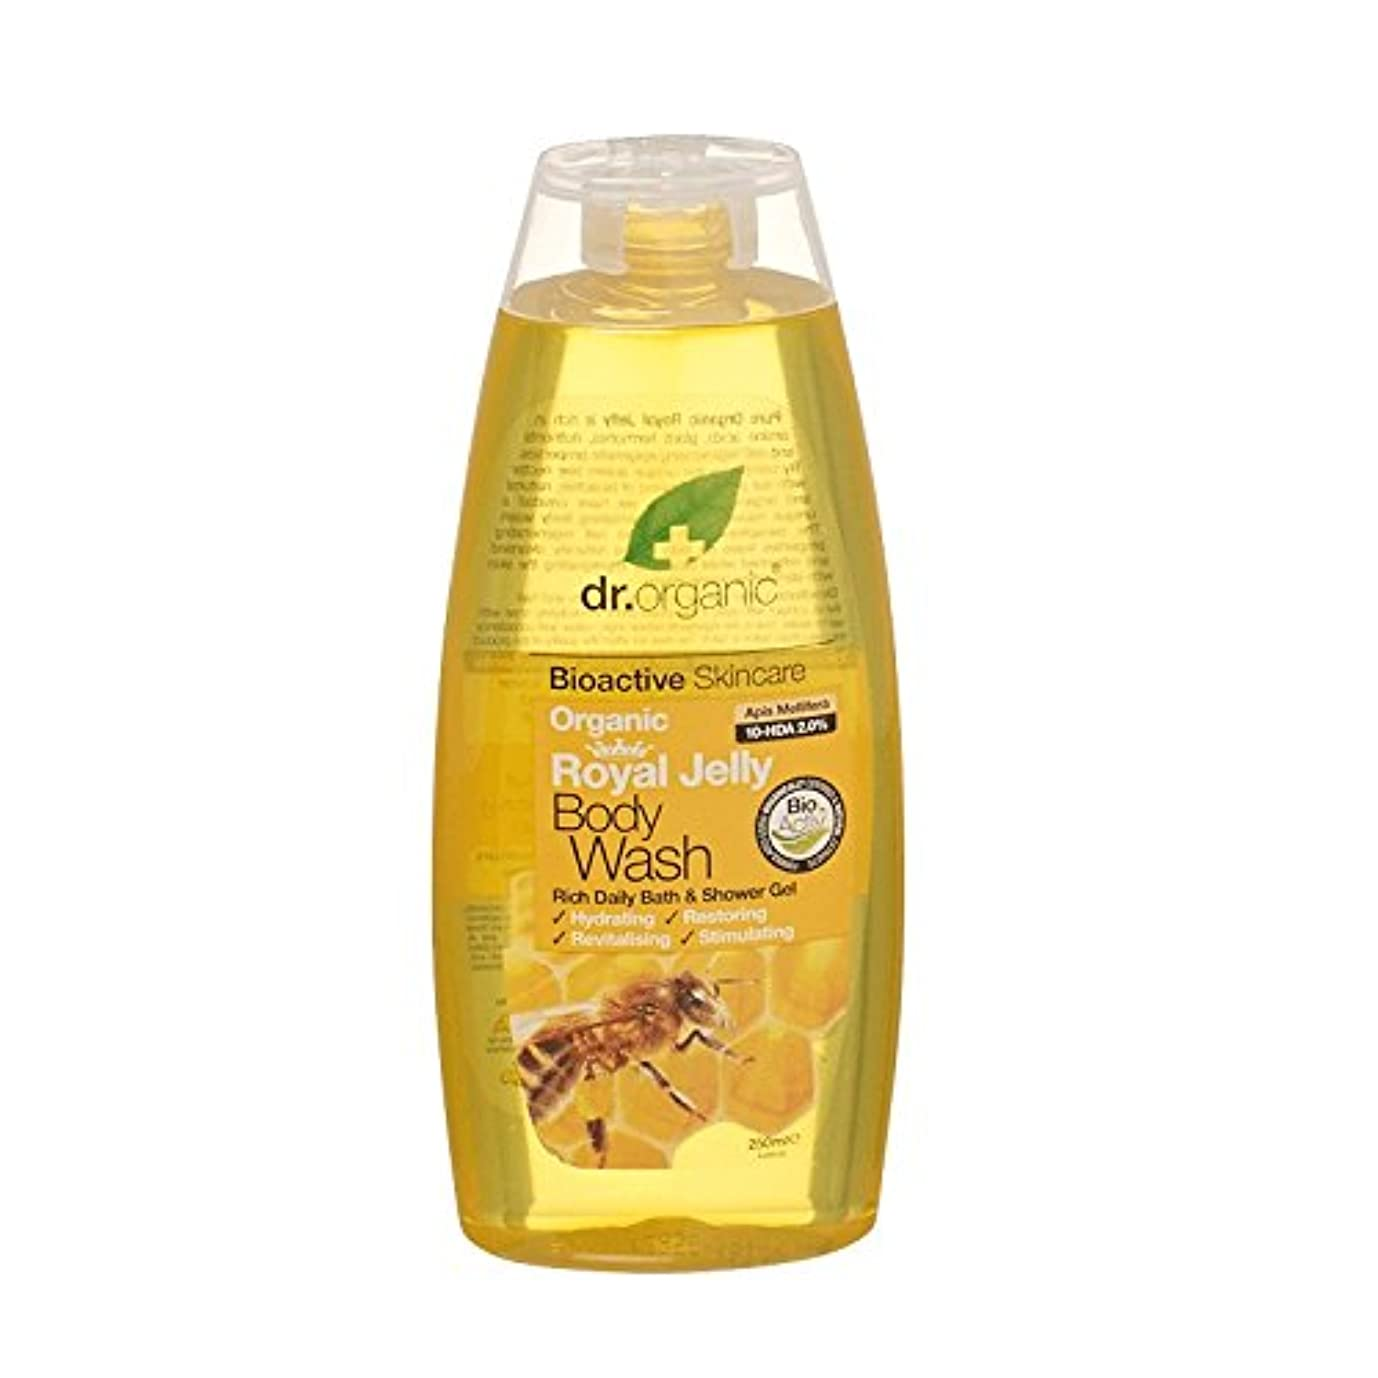 教授インフルエンザ姿を消すDr Organic Royal Jelly Body Wash (Pack of 6) - Dr有機ローヤルゼリーボディウォッシュ (x6) [並行輸入品]